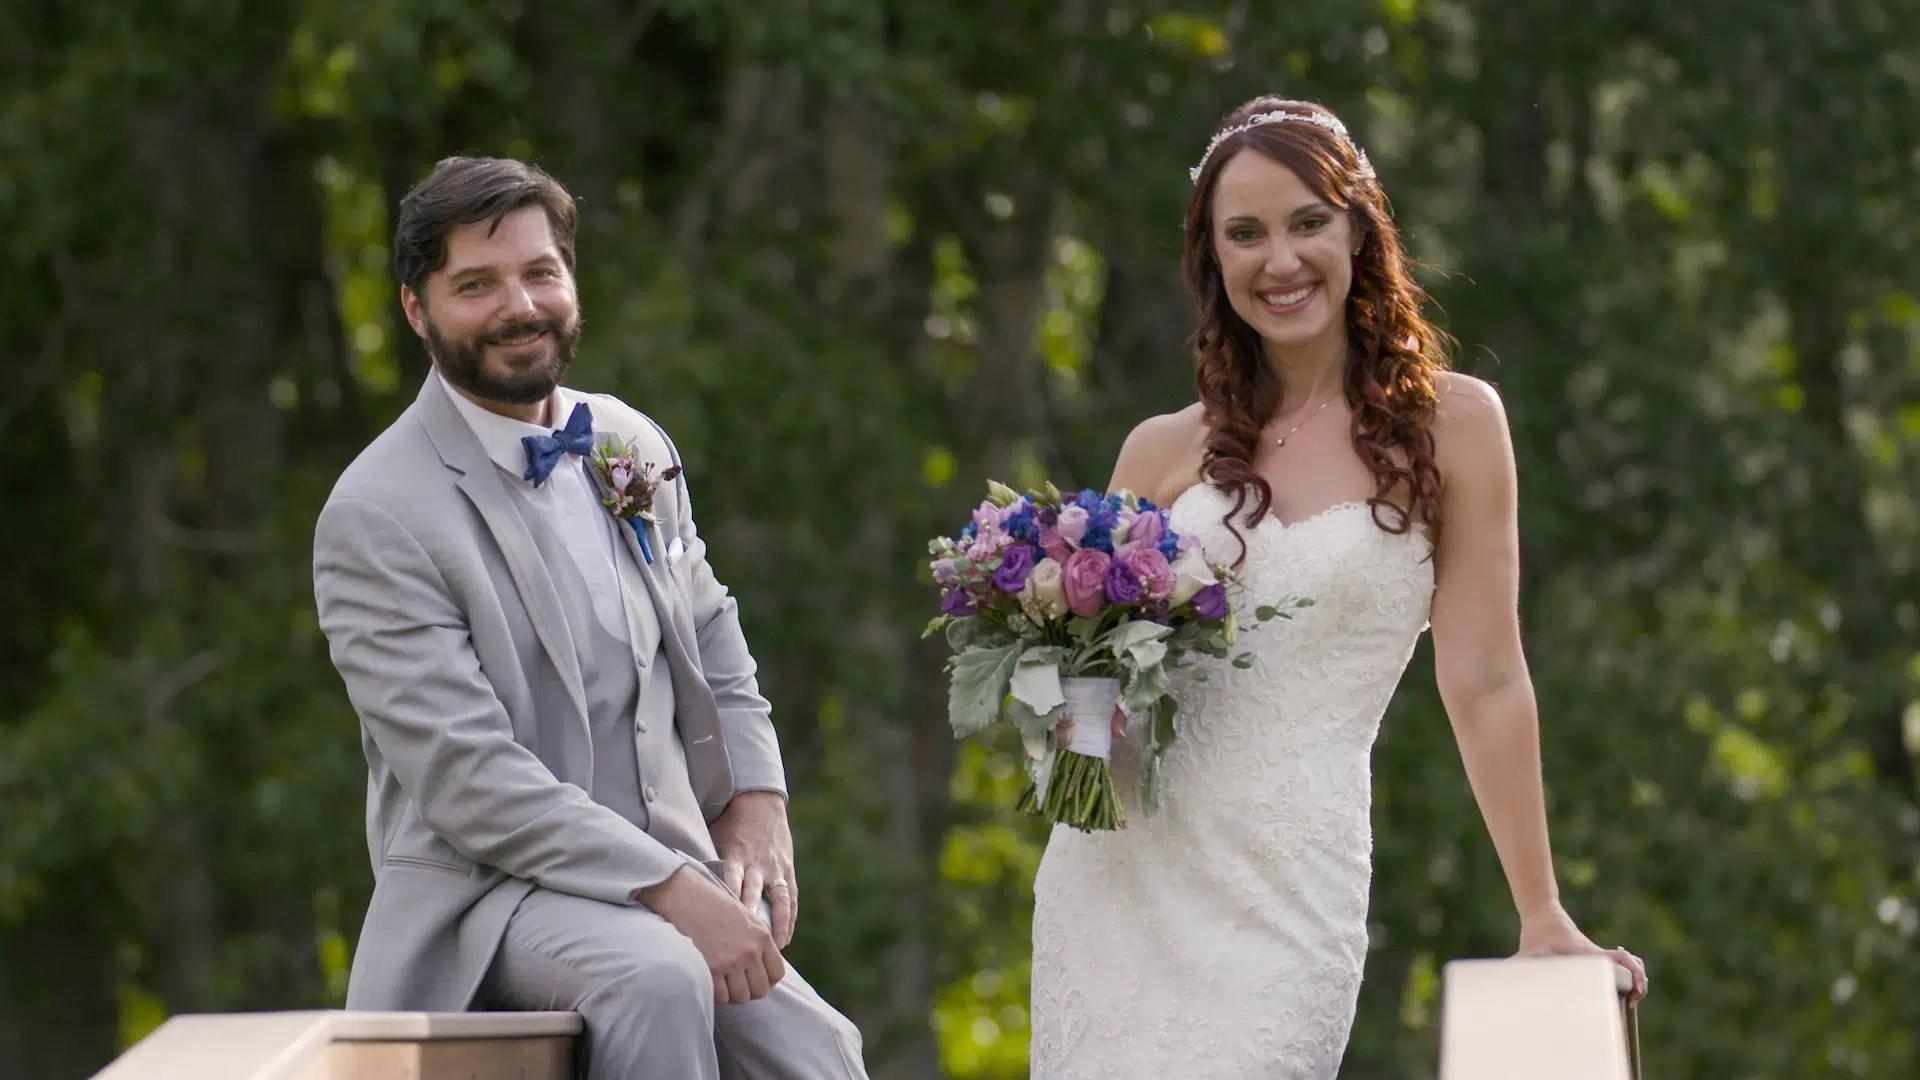 Jonathan & Cristina Destination Wedding in Estes Park